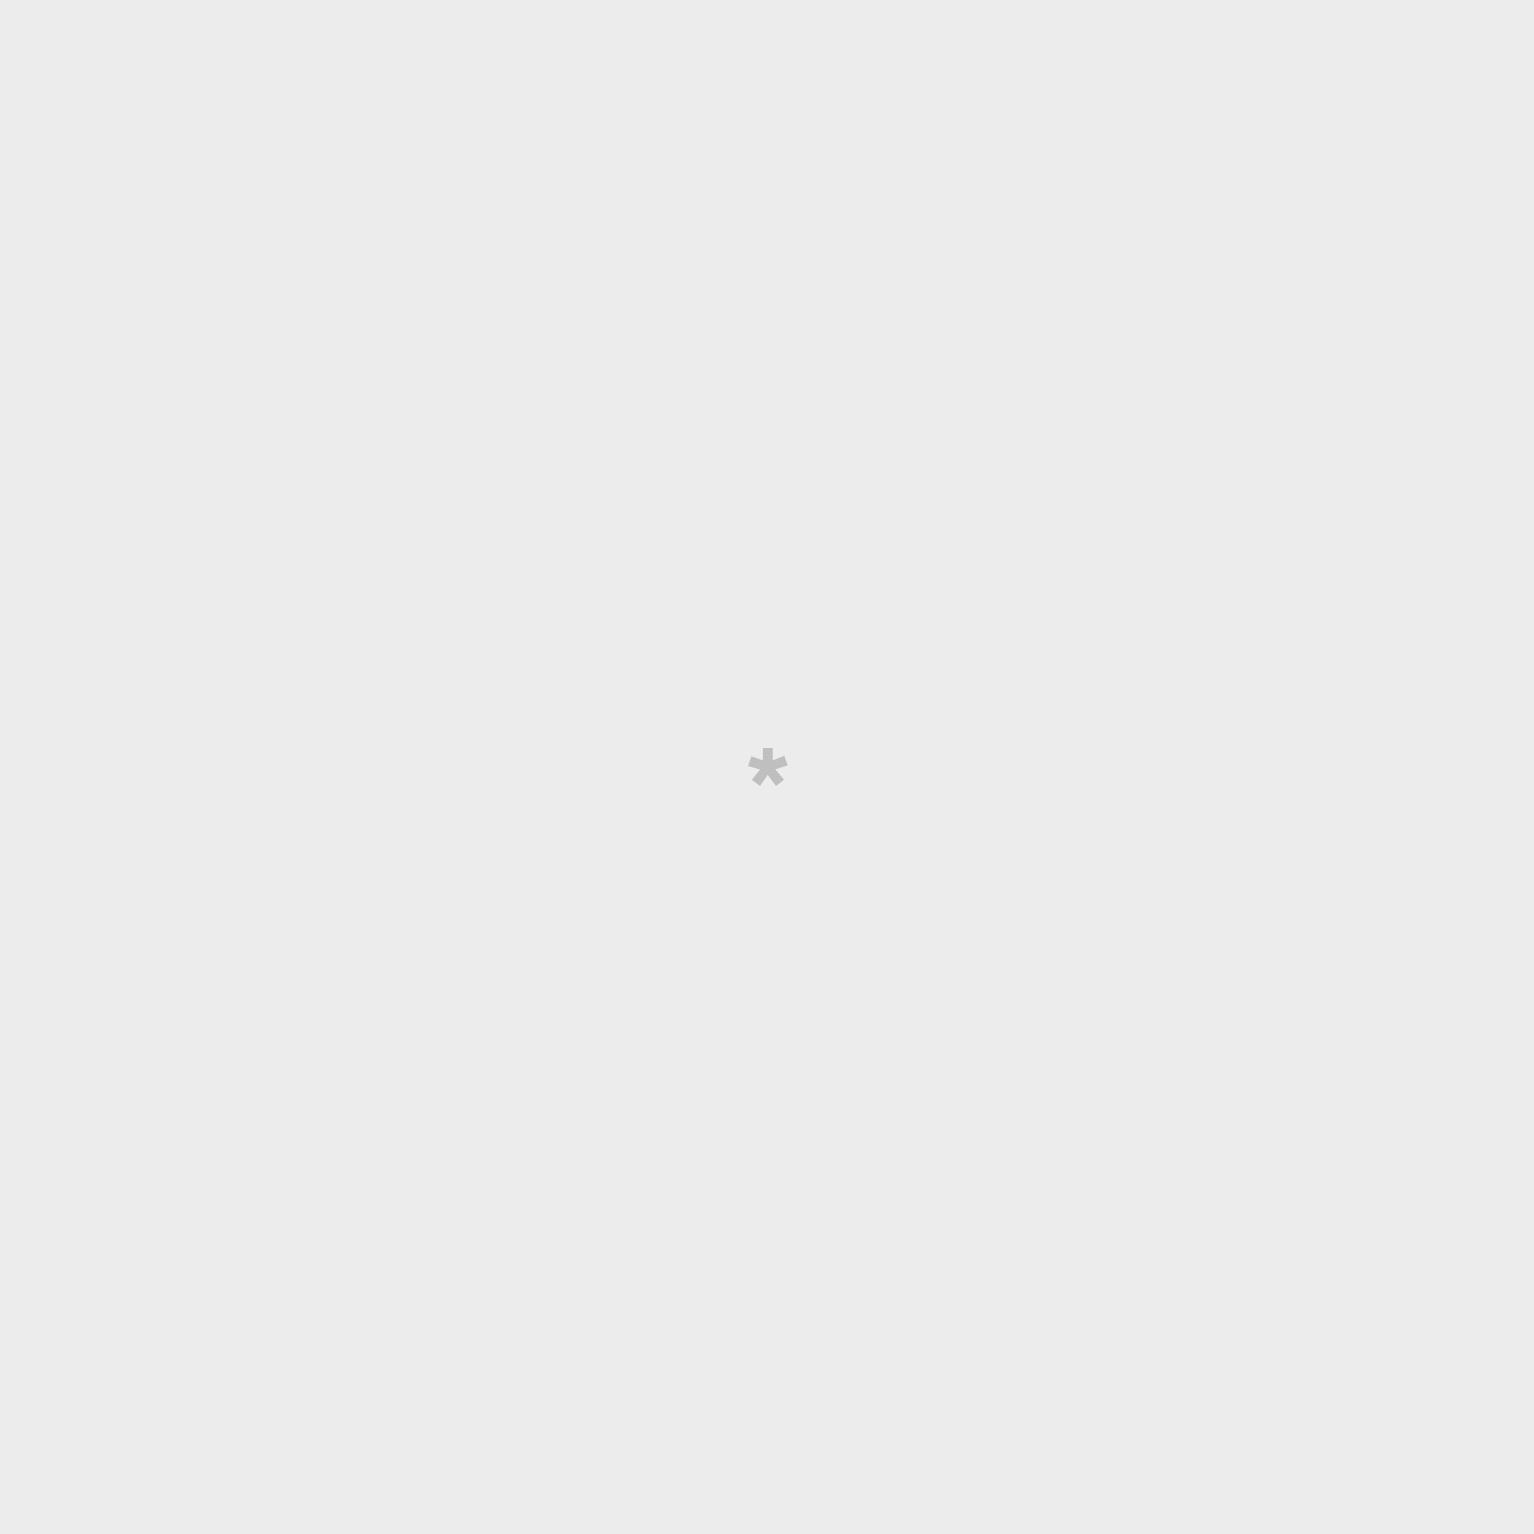 Diario con candado - Sueños, secretos y miles de planes